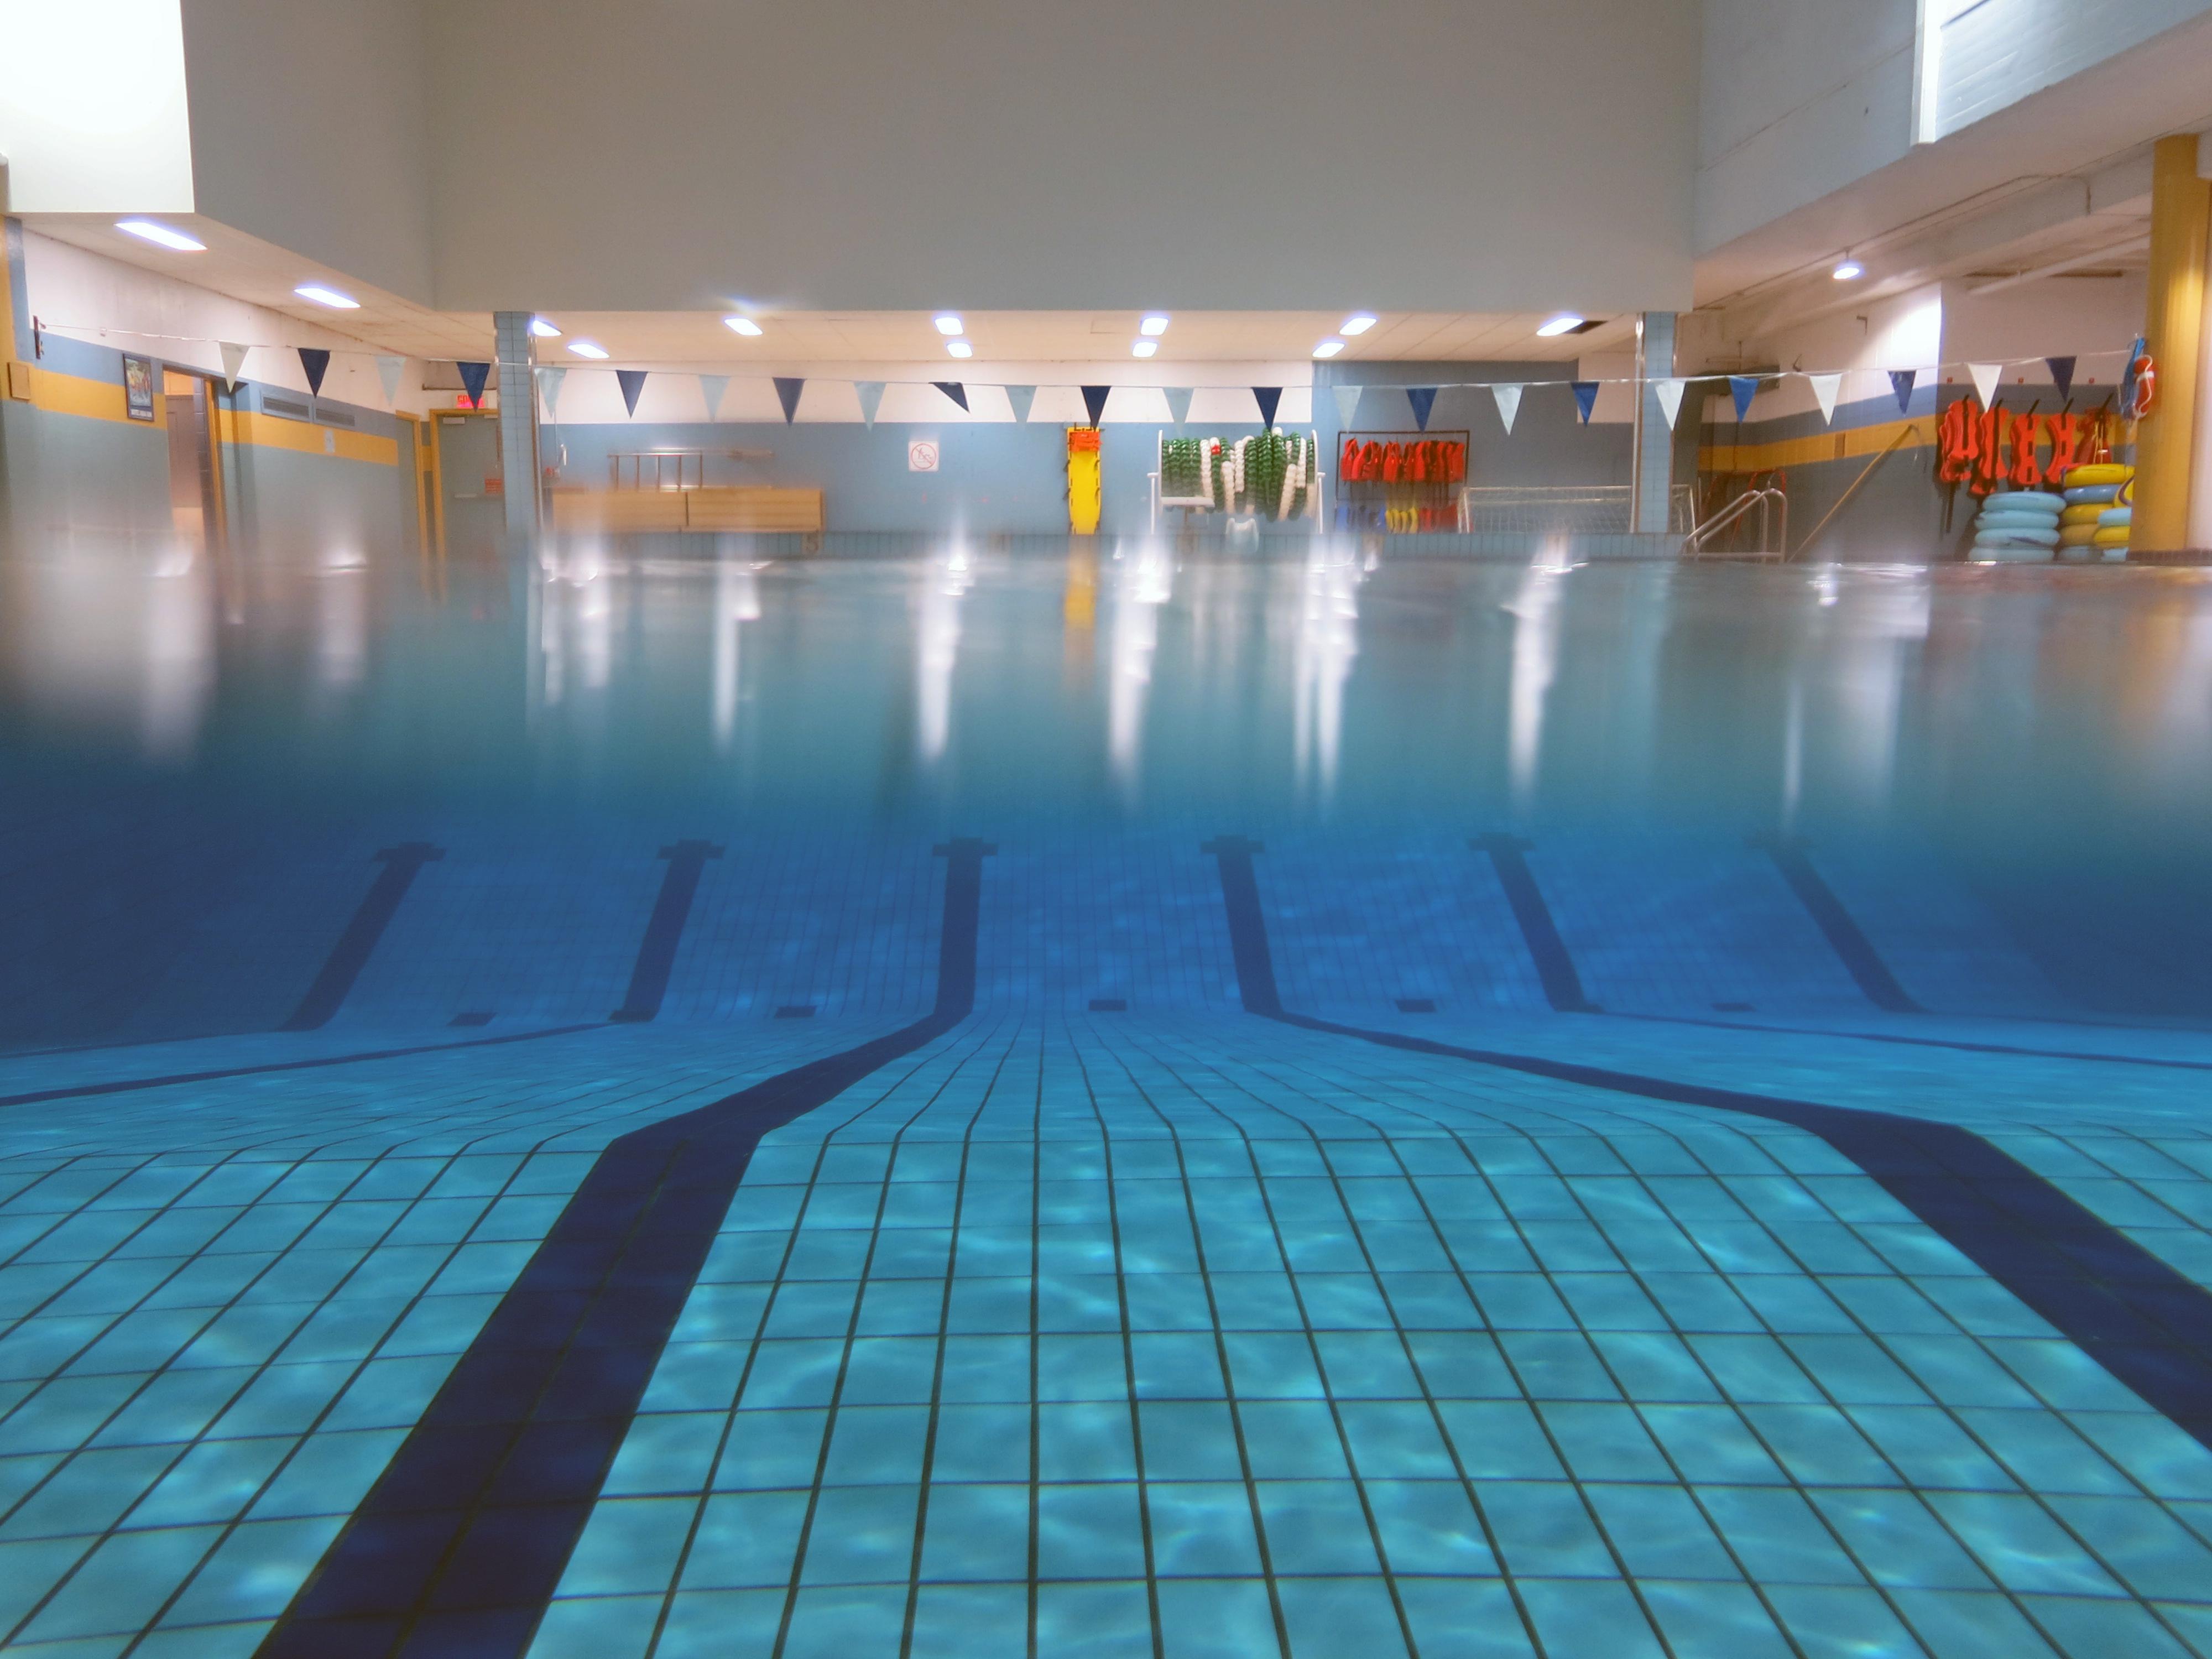 Cours de natation enfants anim eau c gep de chicoutimi for Piscine de molenbeek cours de natation